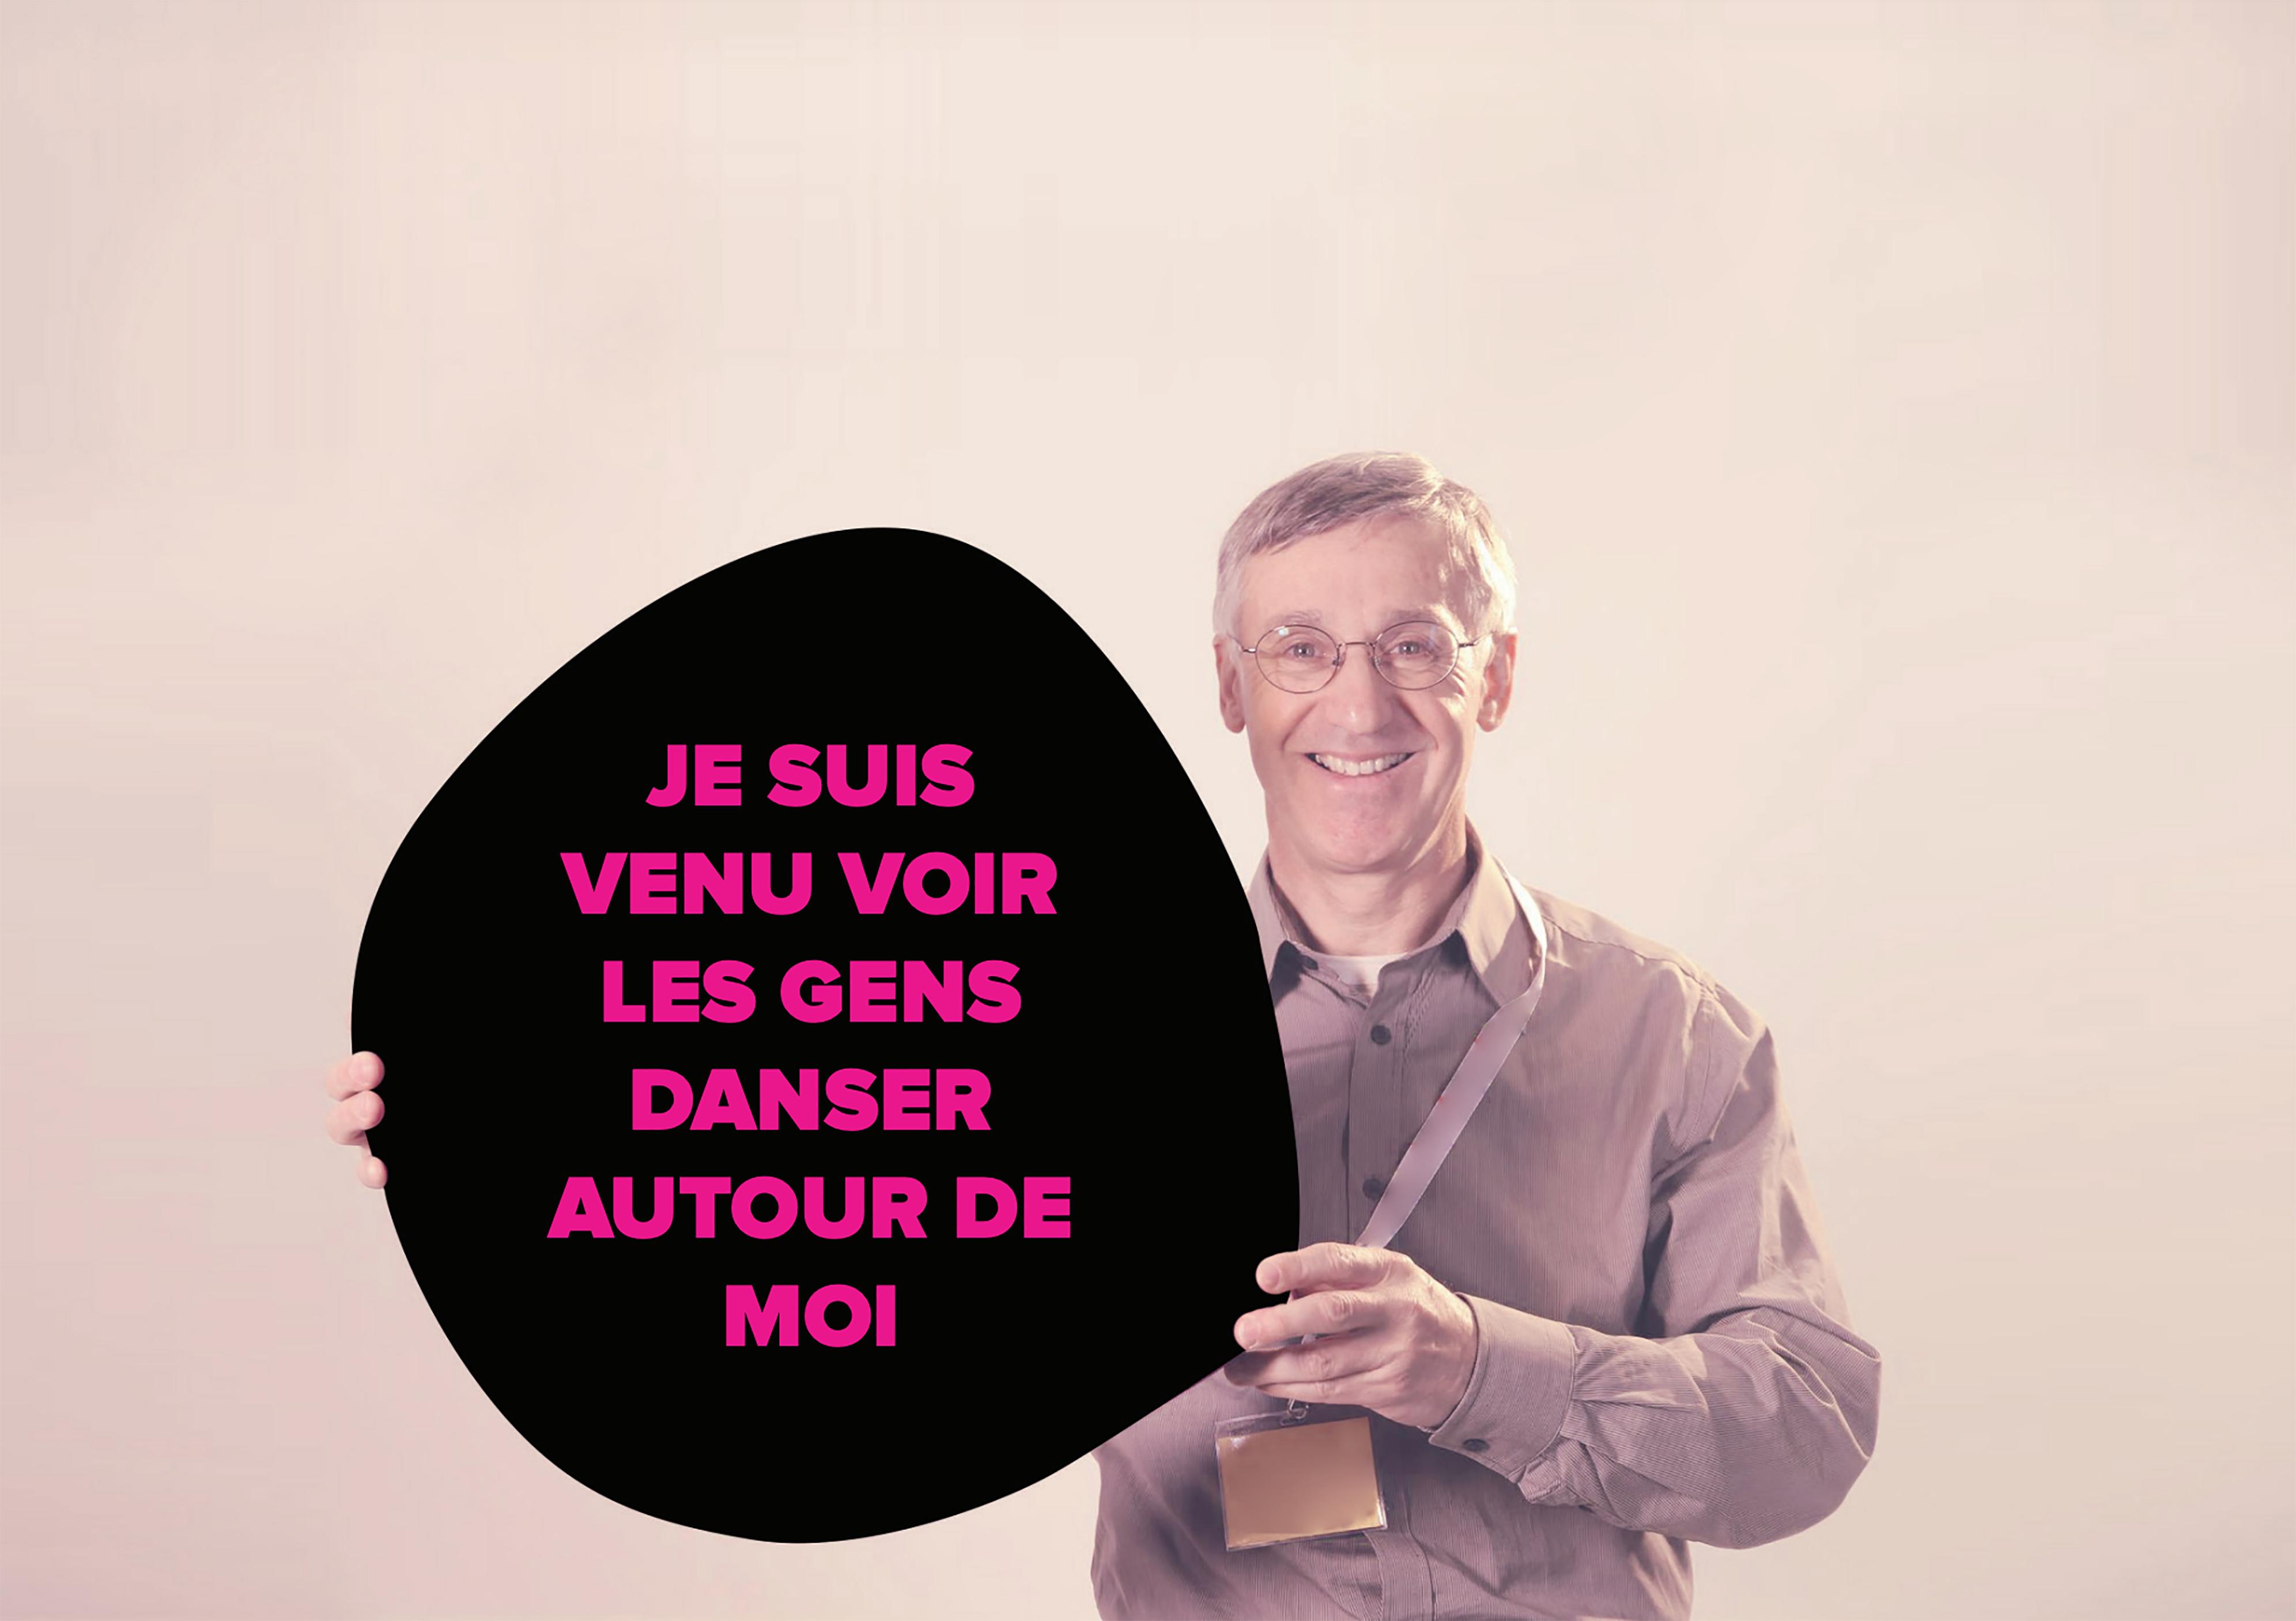 content/images/img-19-20/je_suis_venu__1_.png